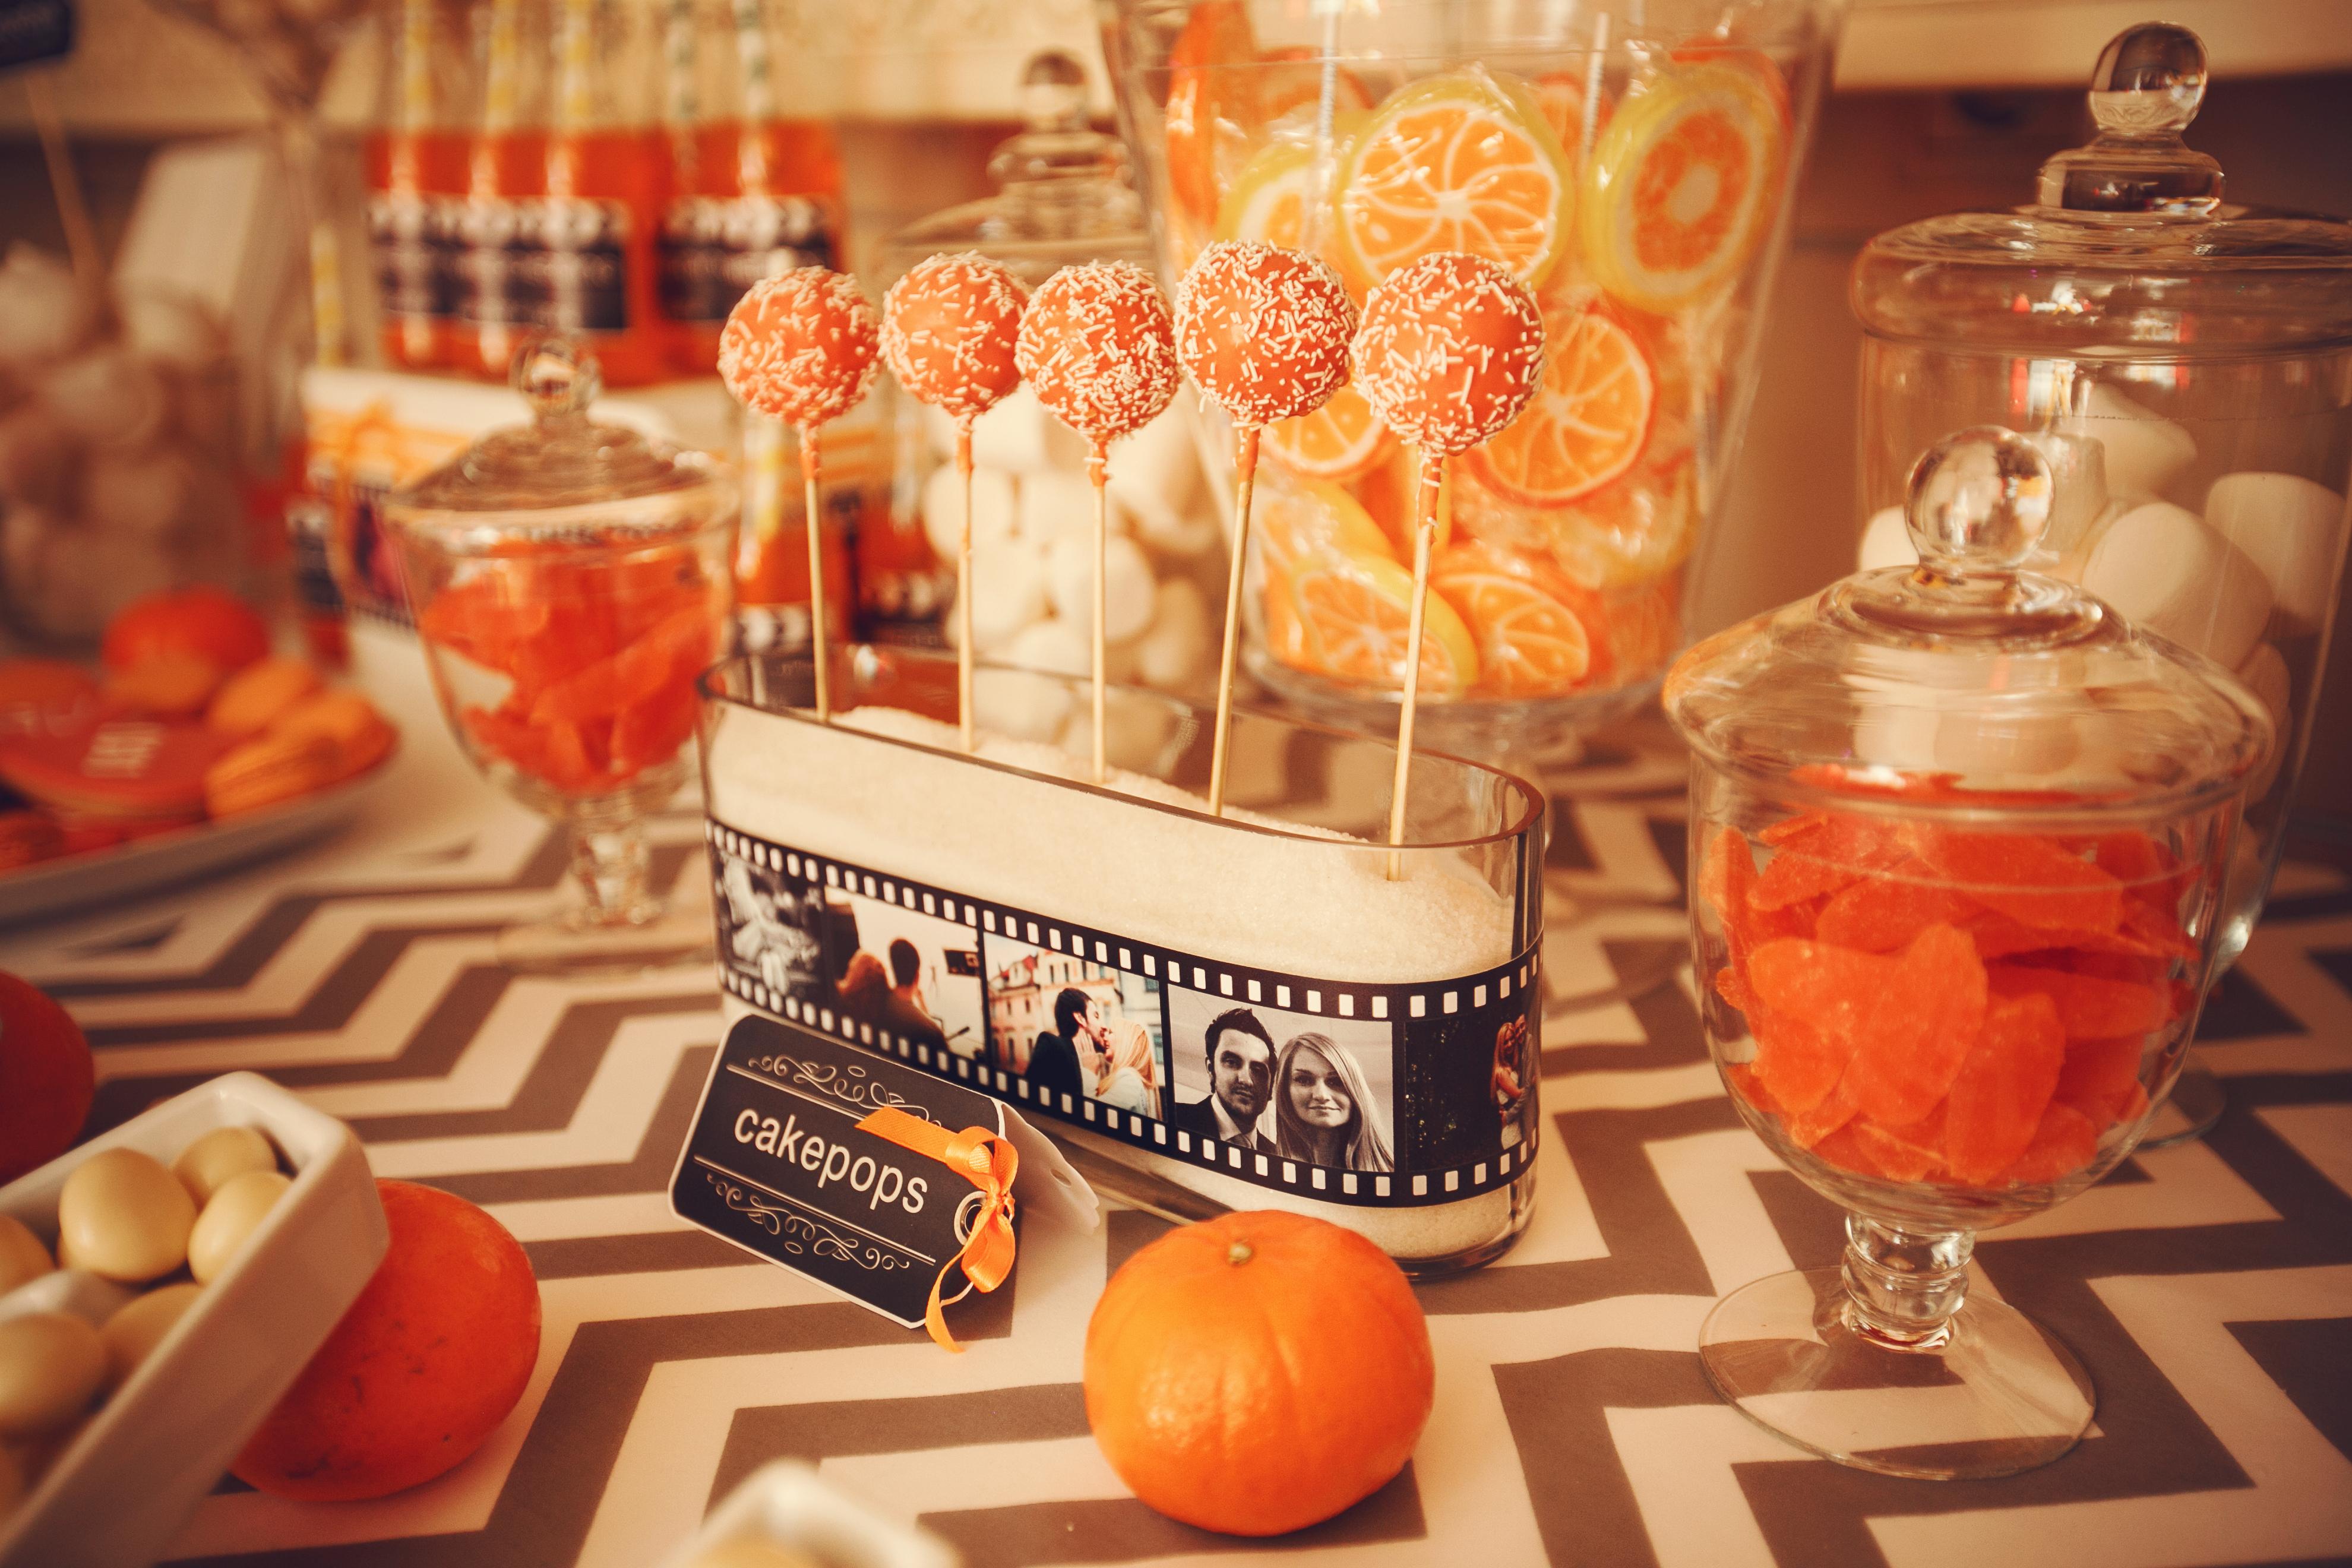 Фото 2 свадьба в Москве в оранжевом цвете | ведущая свадьбы - Катрин Моро